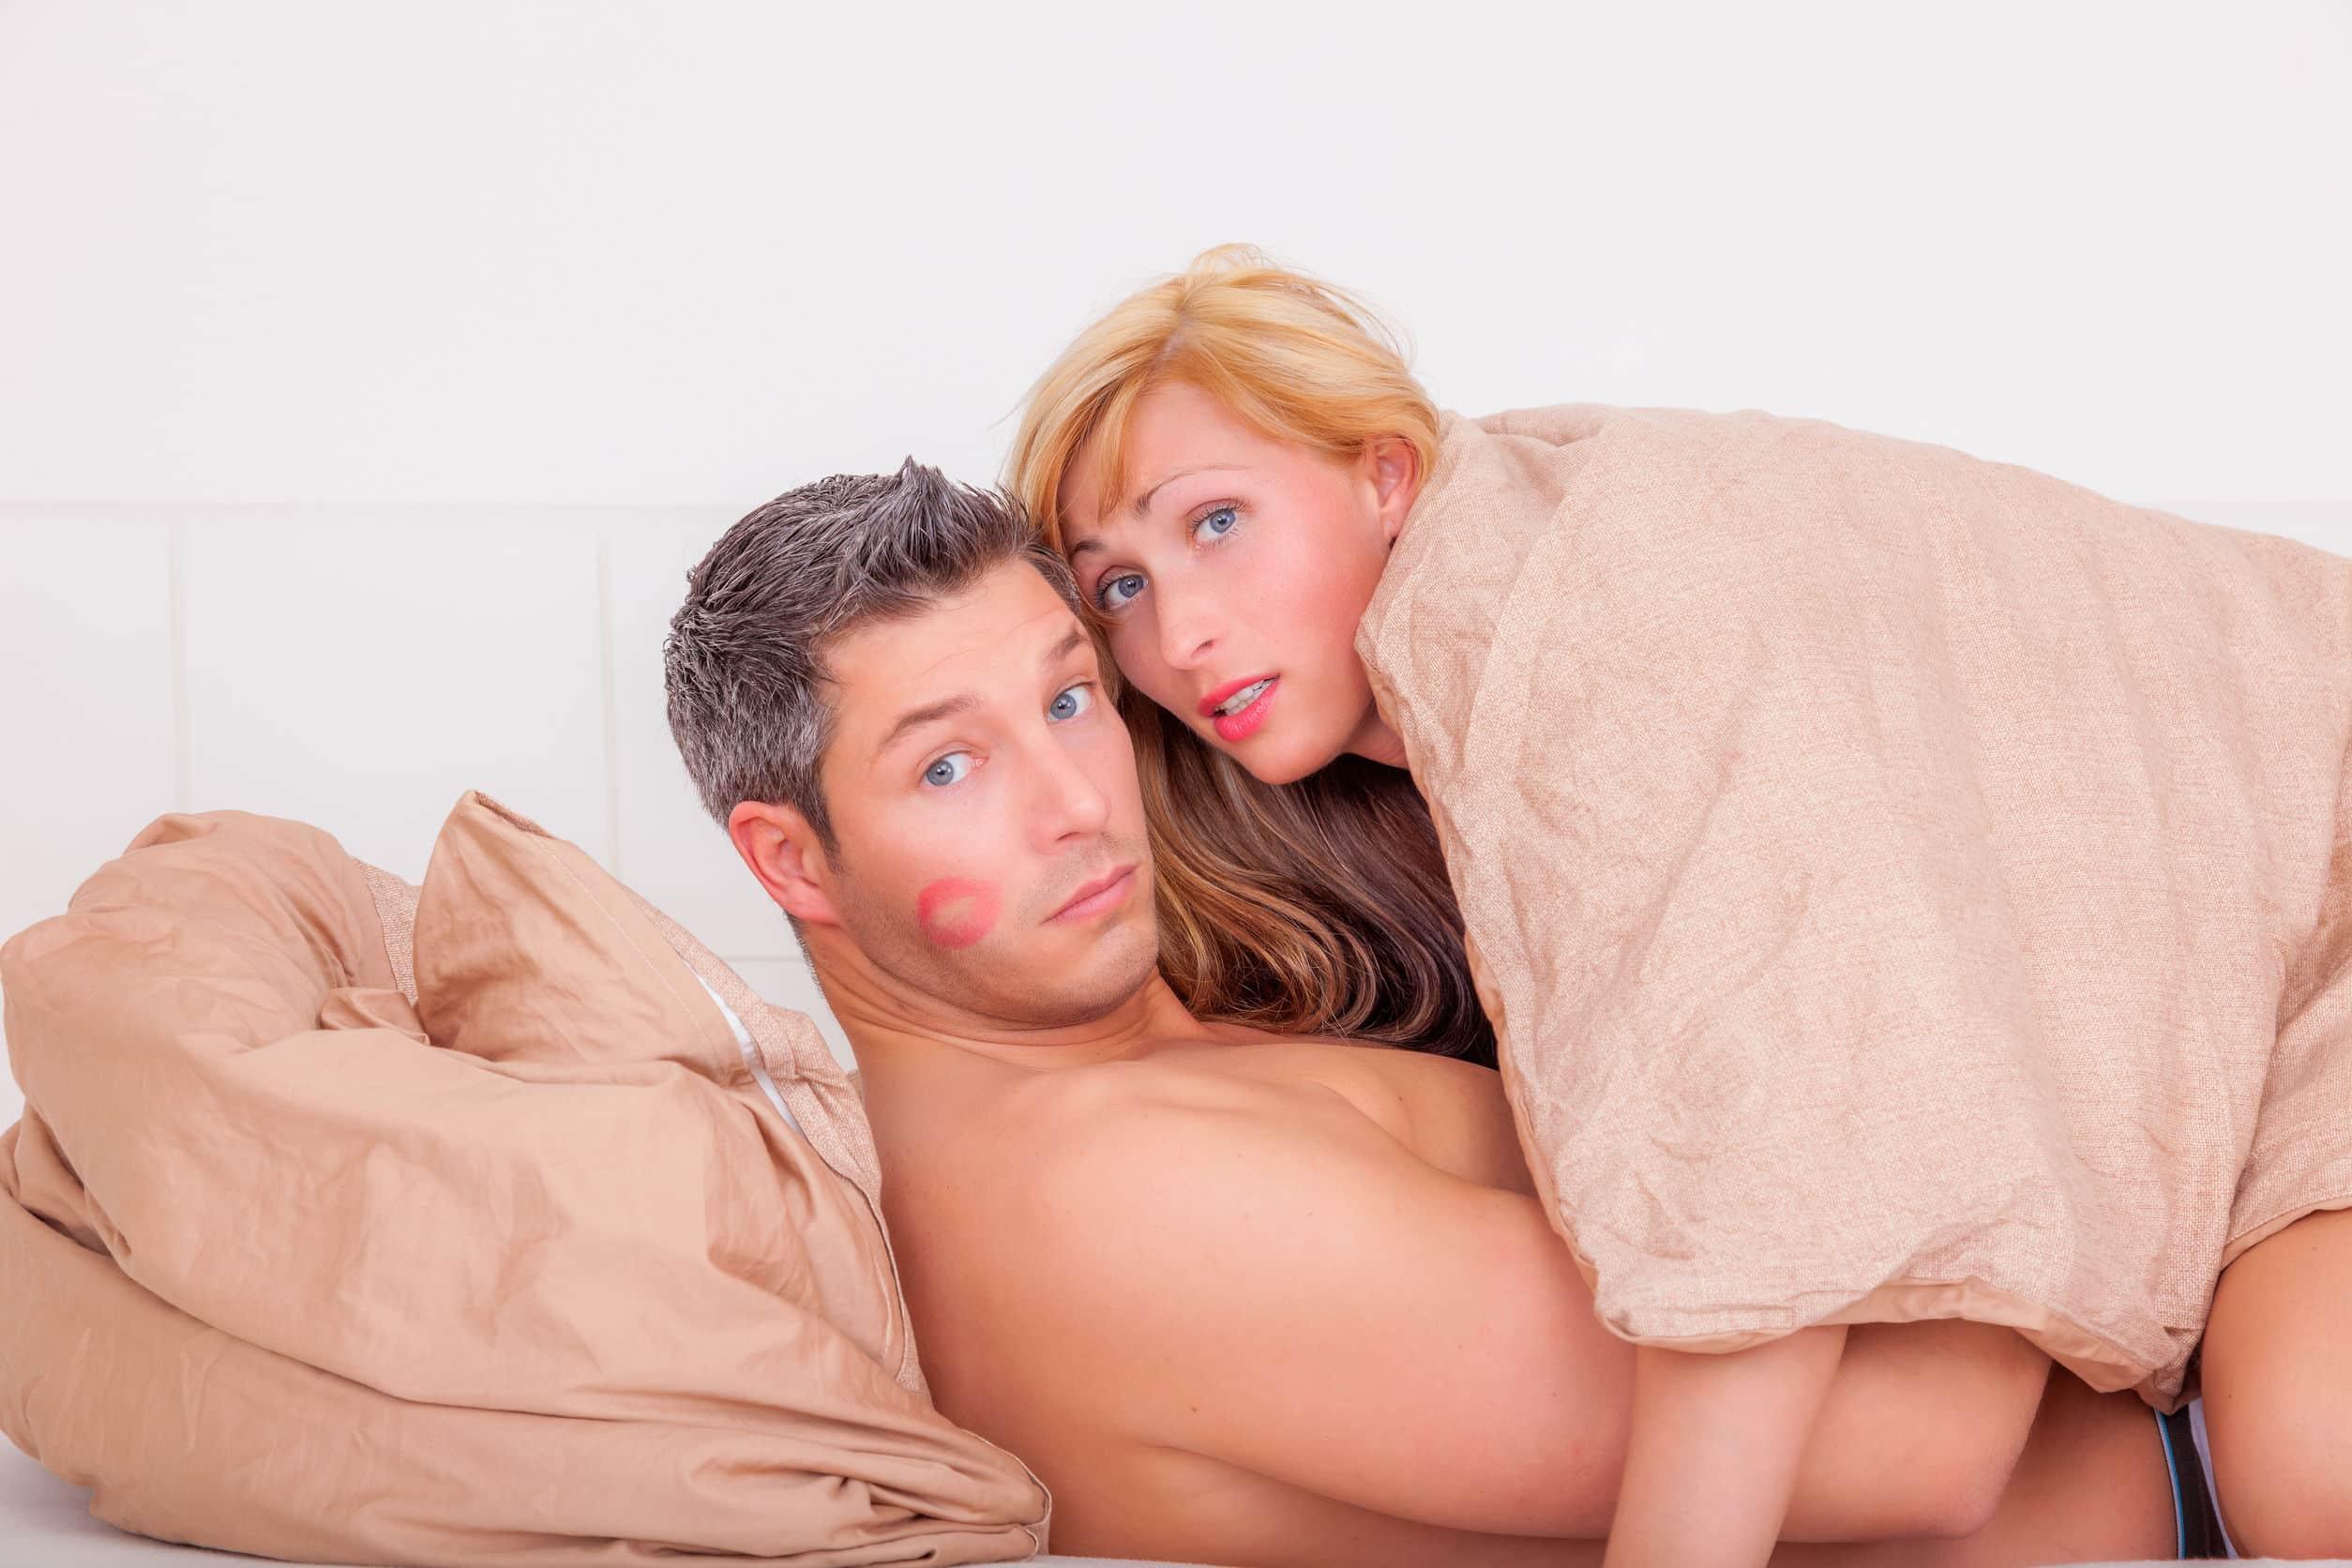 bilder tantra massage tinder